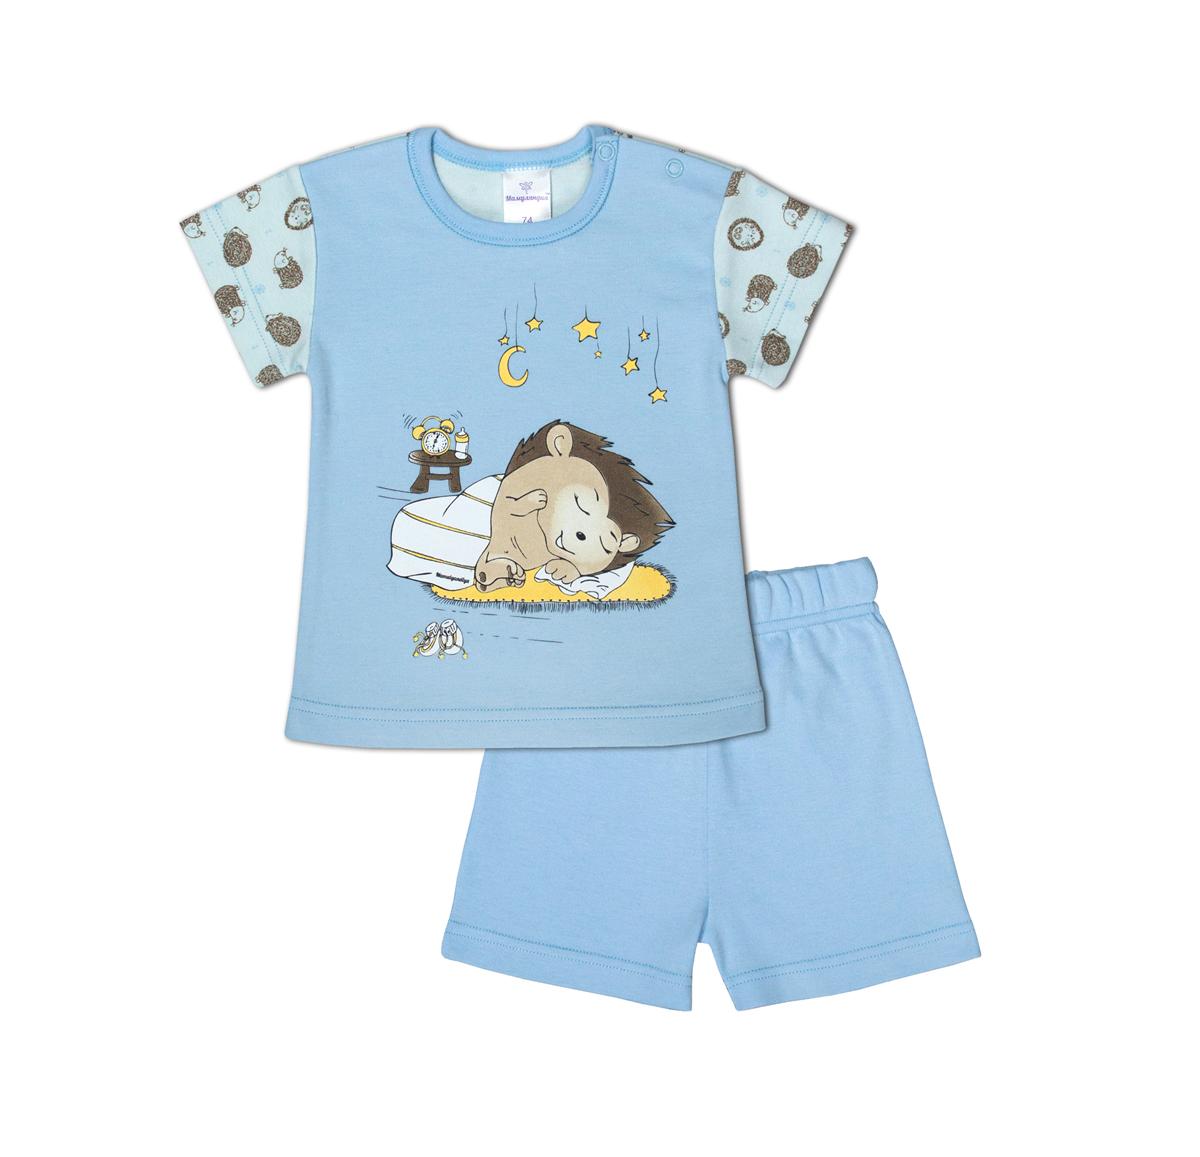 Комплект одежды для мальчика Мамуляндия: шорты, футболка, цвет: голубой. 17-17001. Размер 86 комплекты детской одежды мамуляндия комплект для мальчика полукомбинезон и футболка клякса